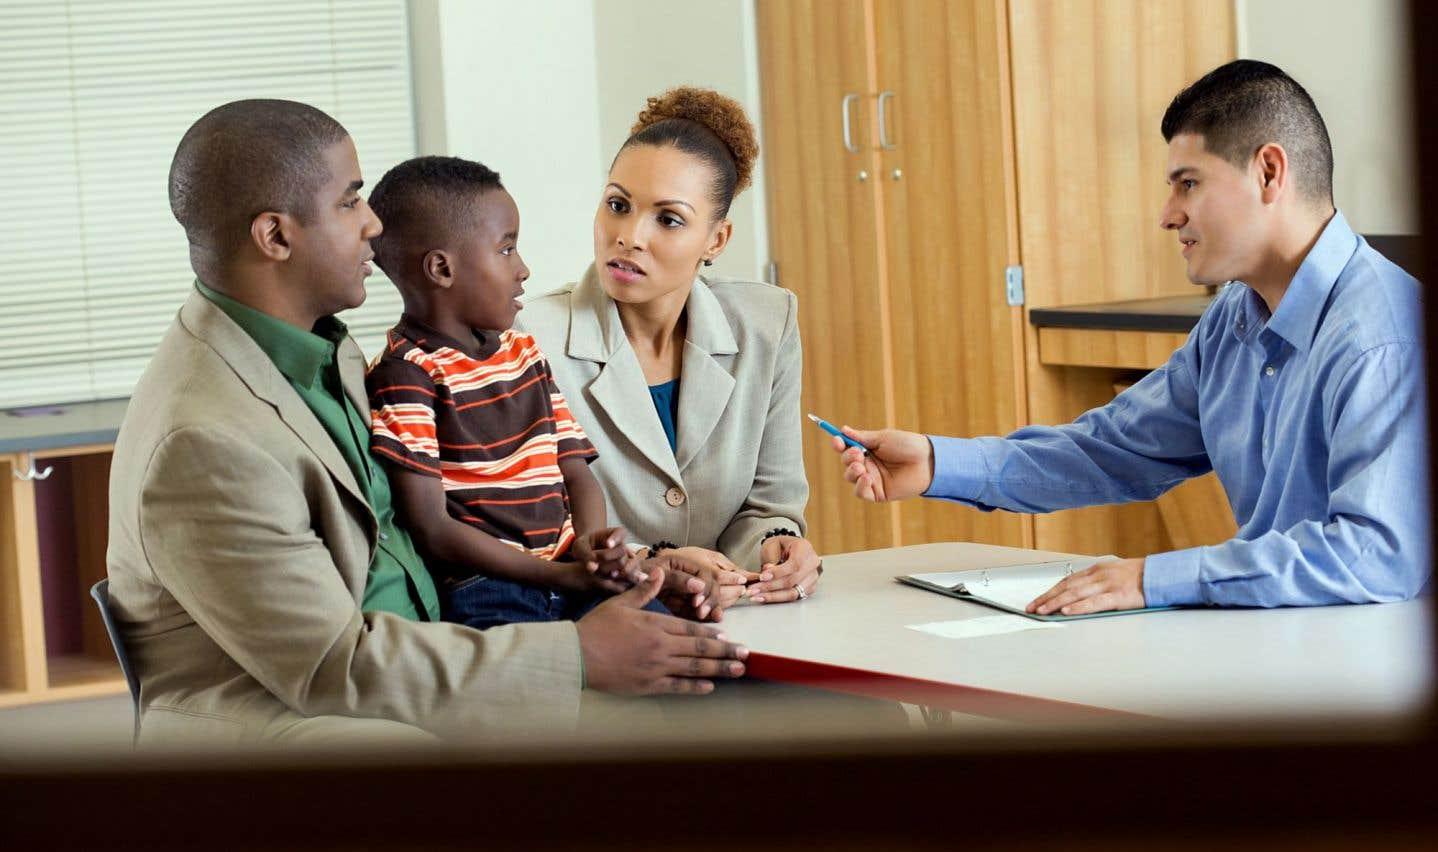 Le trio enseignant-élève-parent dans l'éducation